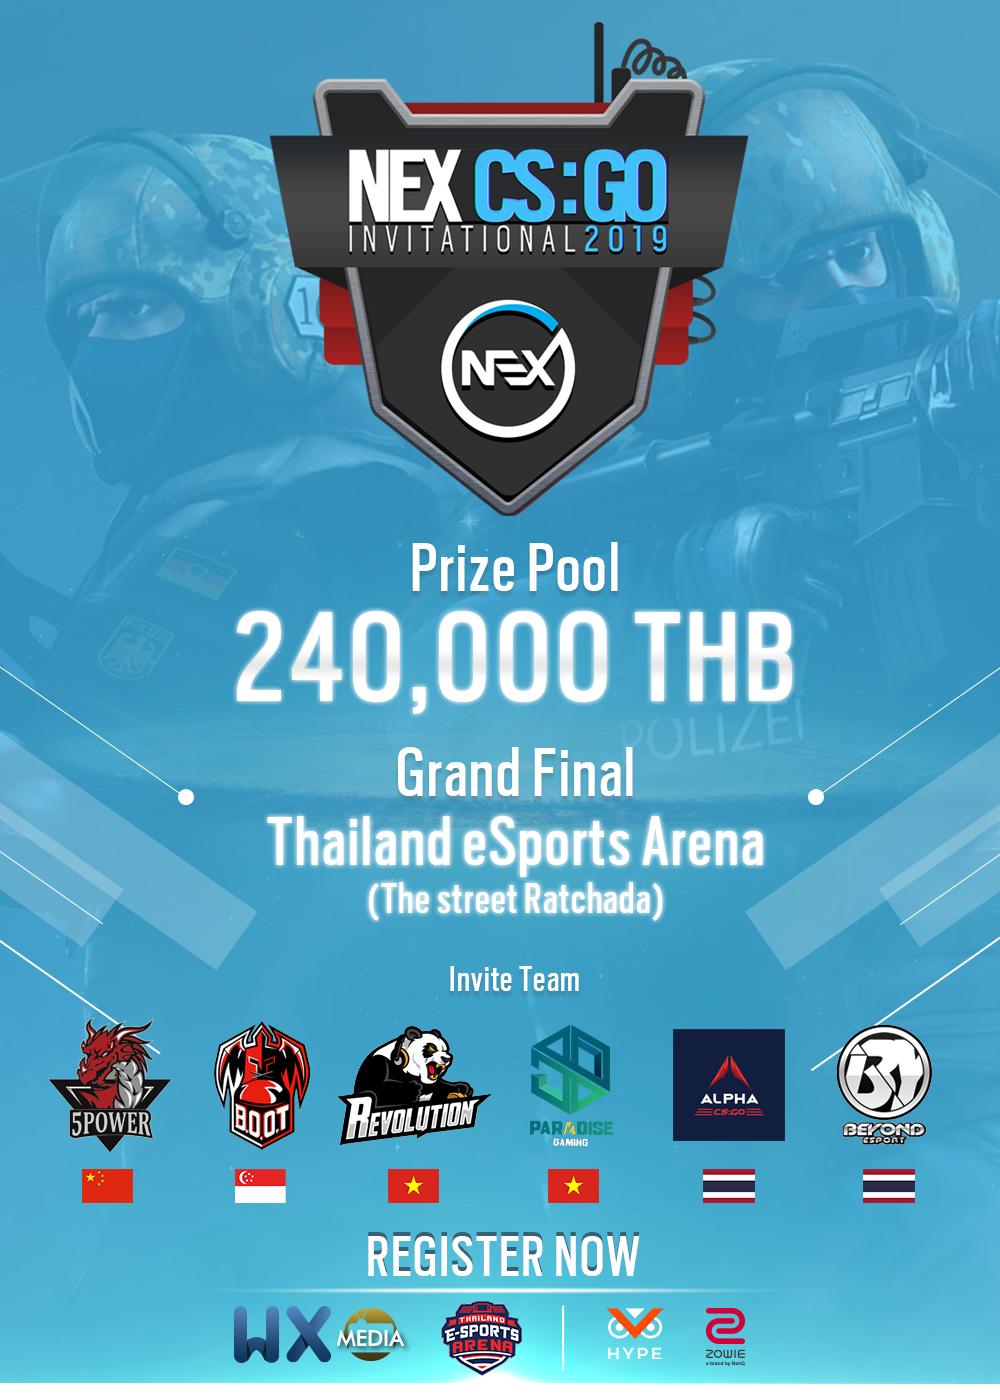 NEX 1282019 1